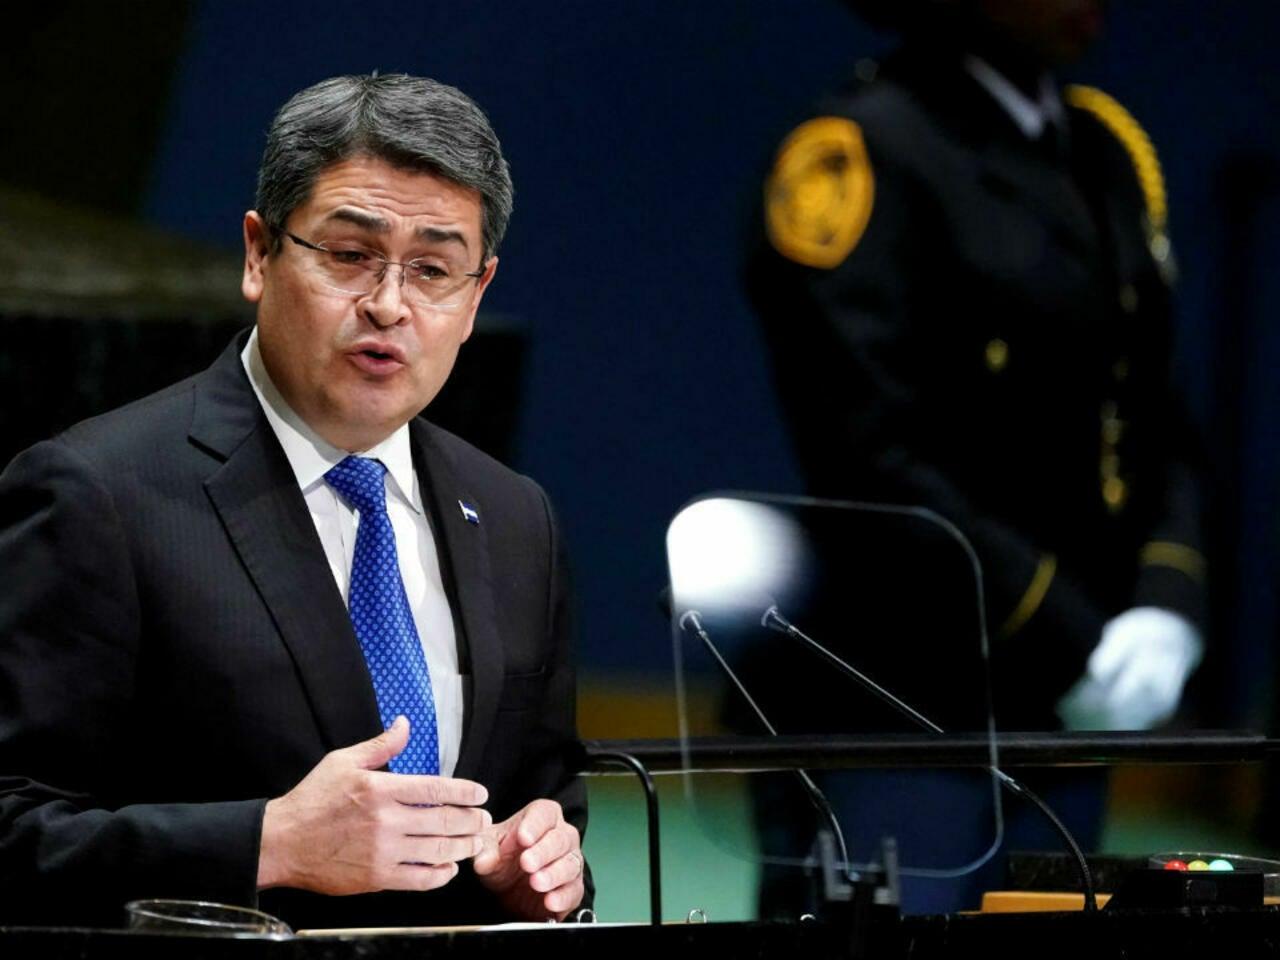 El gobernarte ya ha participado en otras asambleas de la ONU.